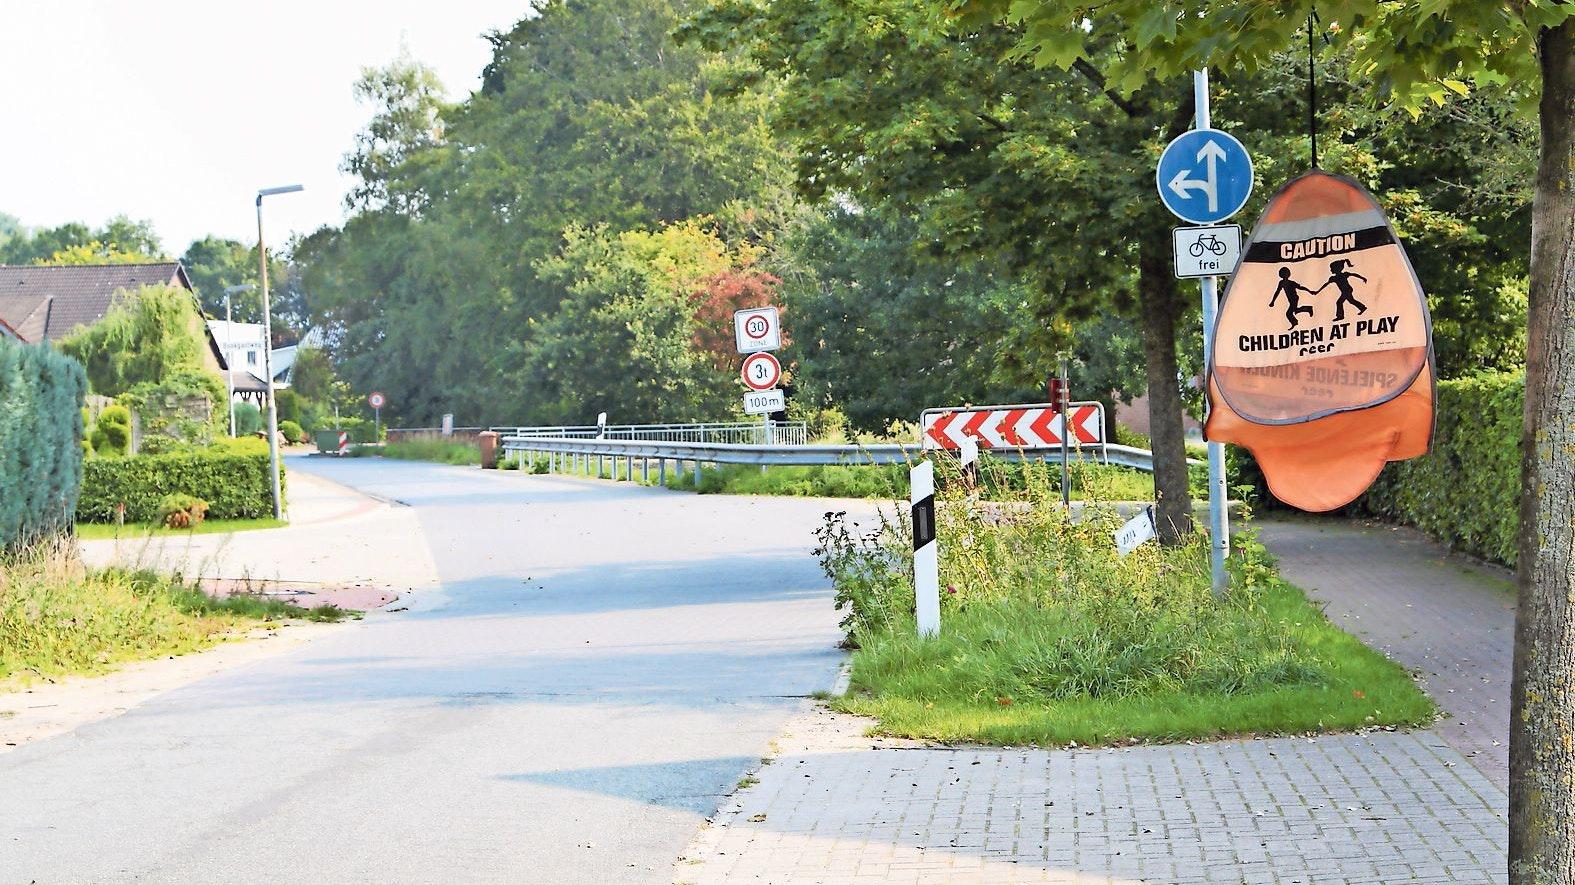 Veränderung: Die Kreuzung Koppelweg/Bookgastweg und Fliederstraße wird ausgebaut. Foto: Martin Pille